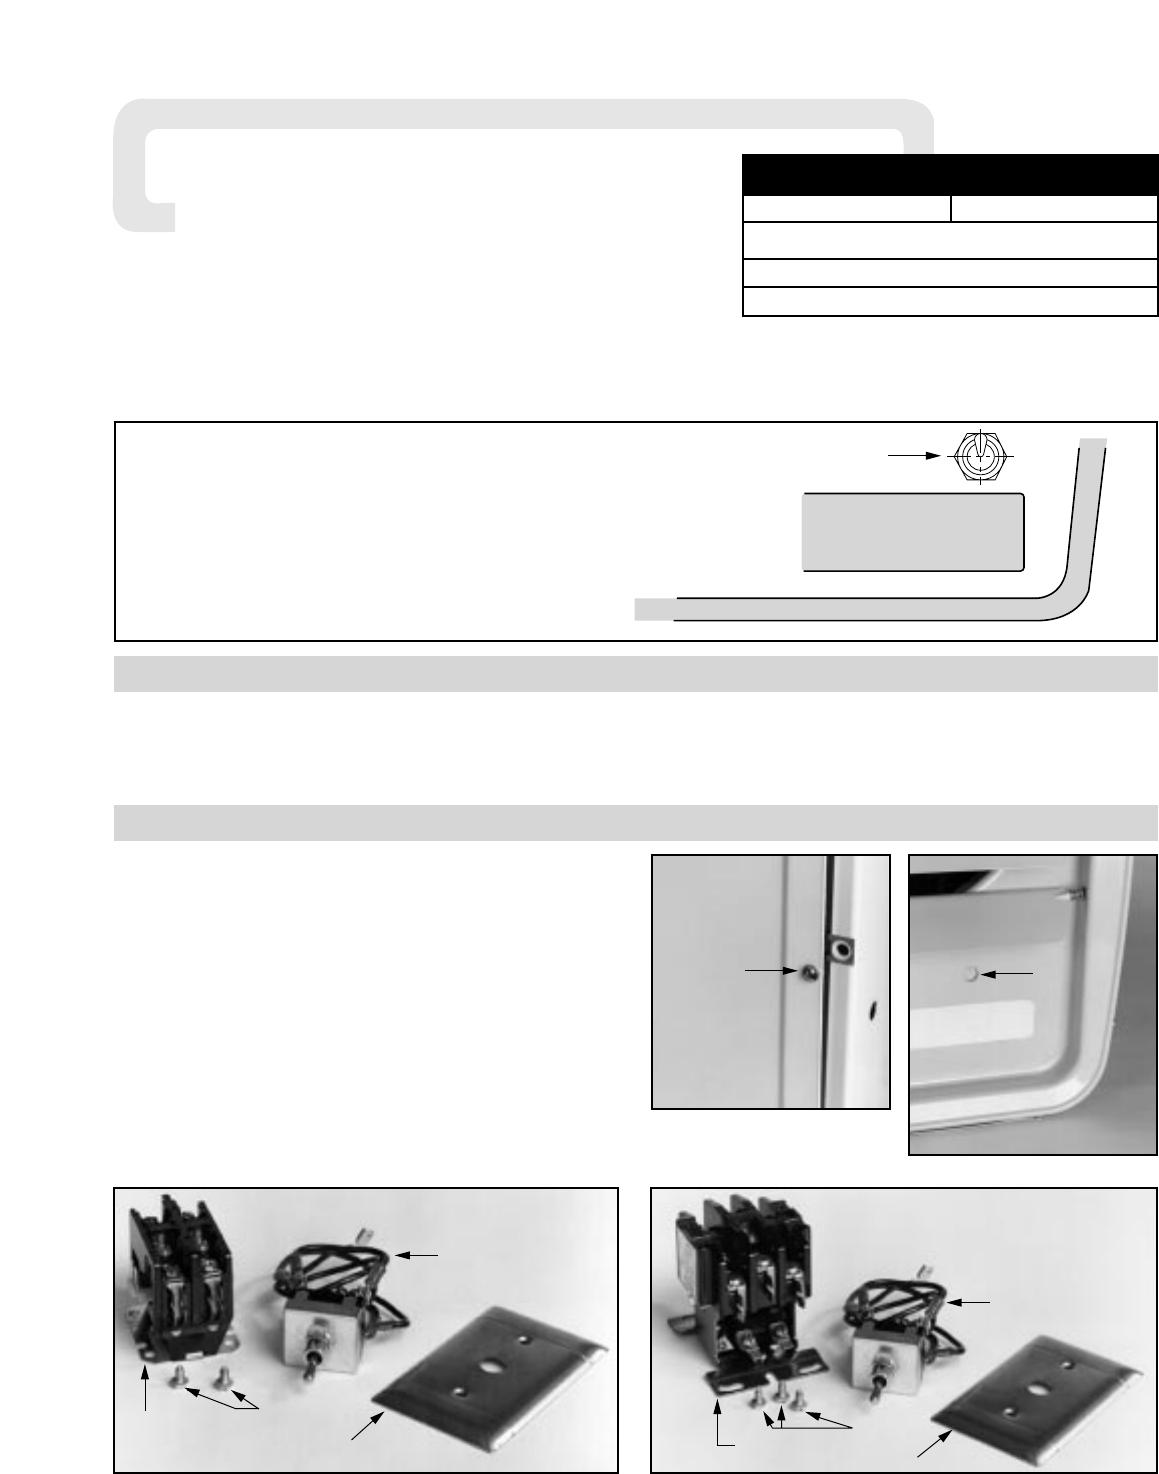 PF481 ESFS 40 Chromalox luh summer fan switch kit with relay ... on 4 wire fan switch wiring, 2 speed fan switch wiring, fan limit switch wiring, ceiling fan switch wiring, fan rocker switch wiring, fuel pump relay wiring, fan relay switch furnace, cooling fan wiring, fan light wiring,